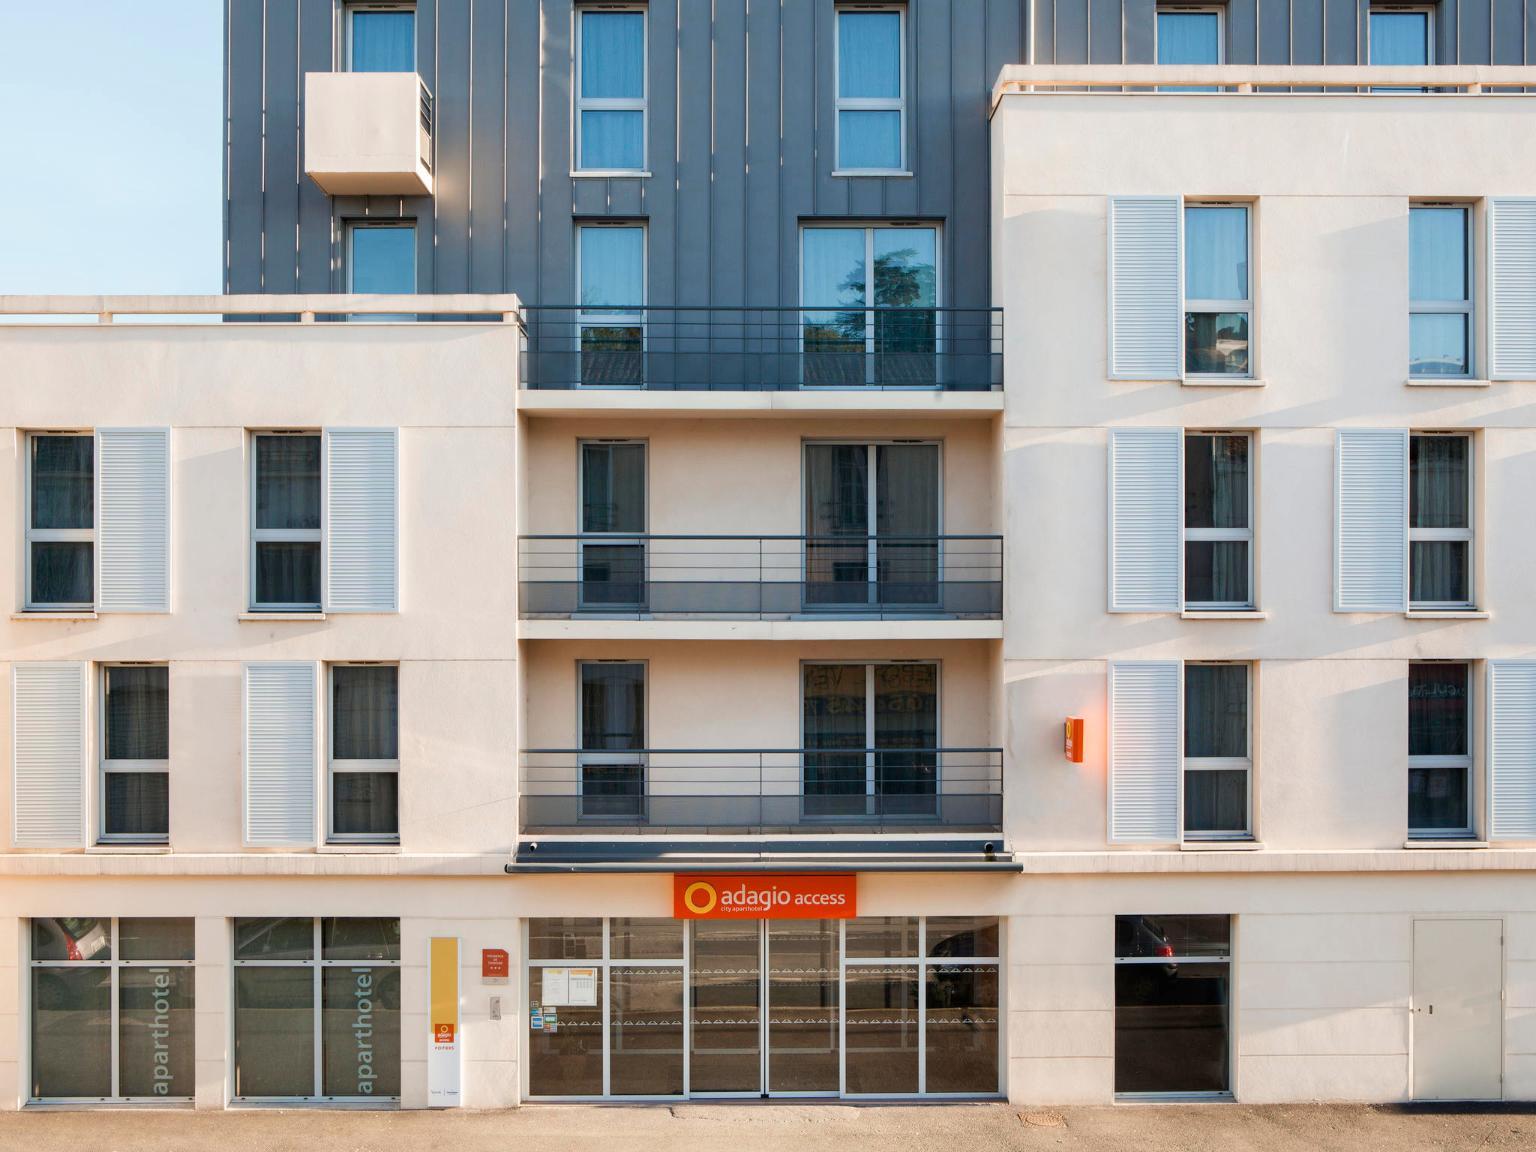 Aparthotel adagio access poitiers h tel 23 boulevard du for Horaire piscine poitiers